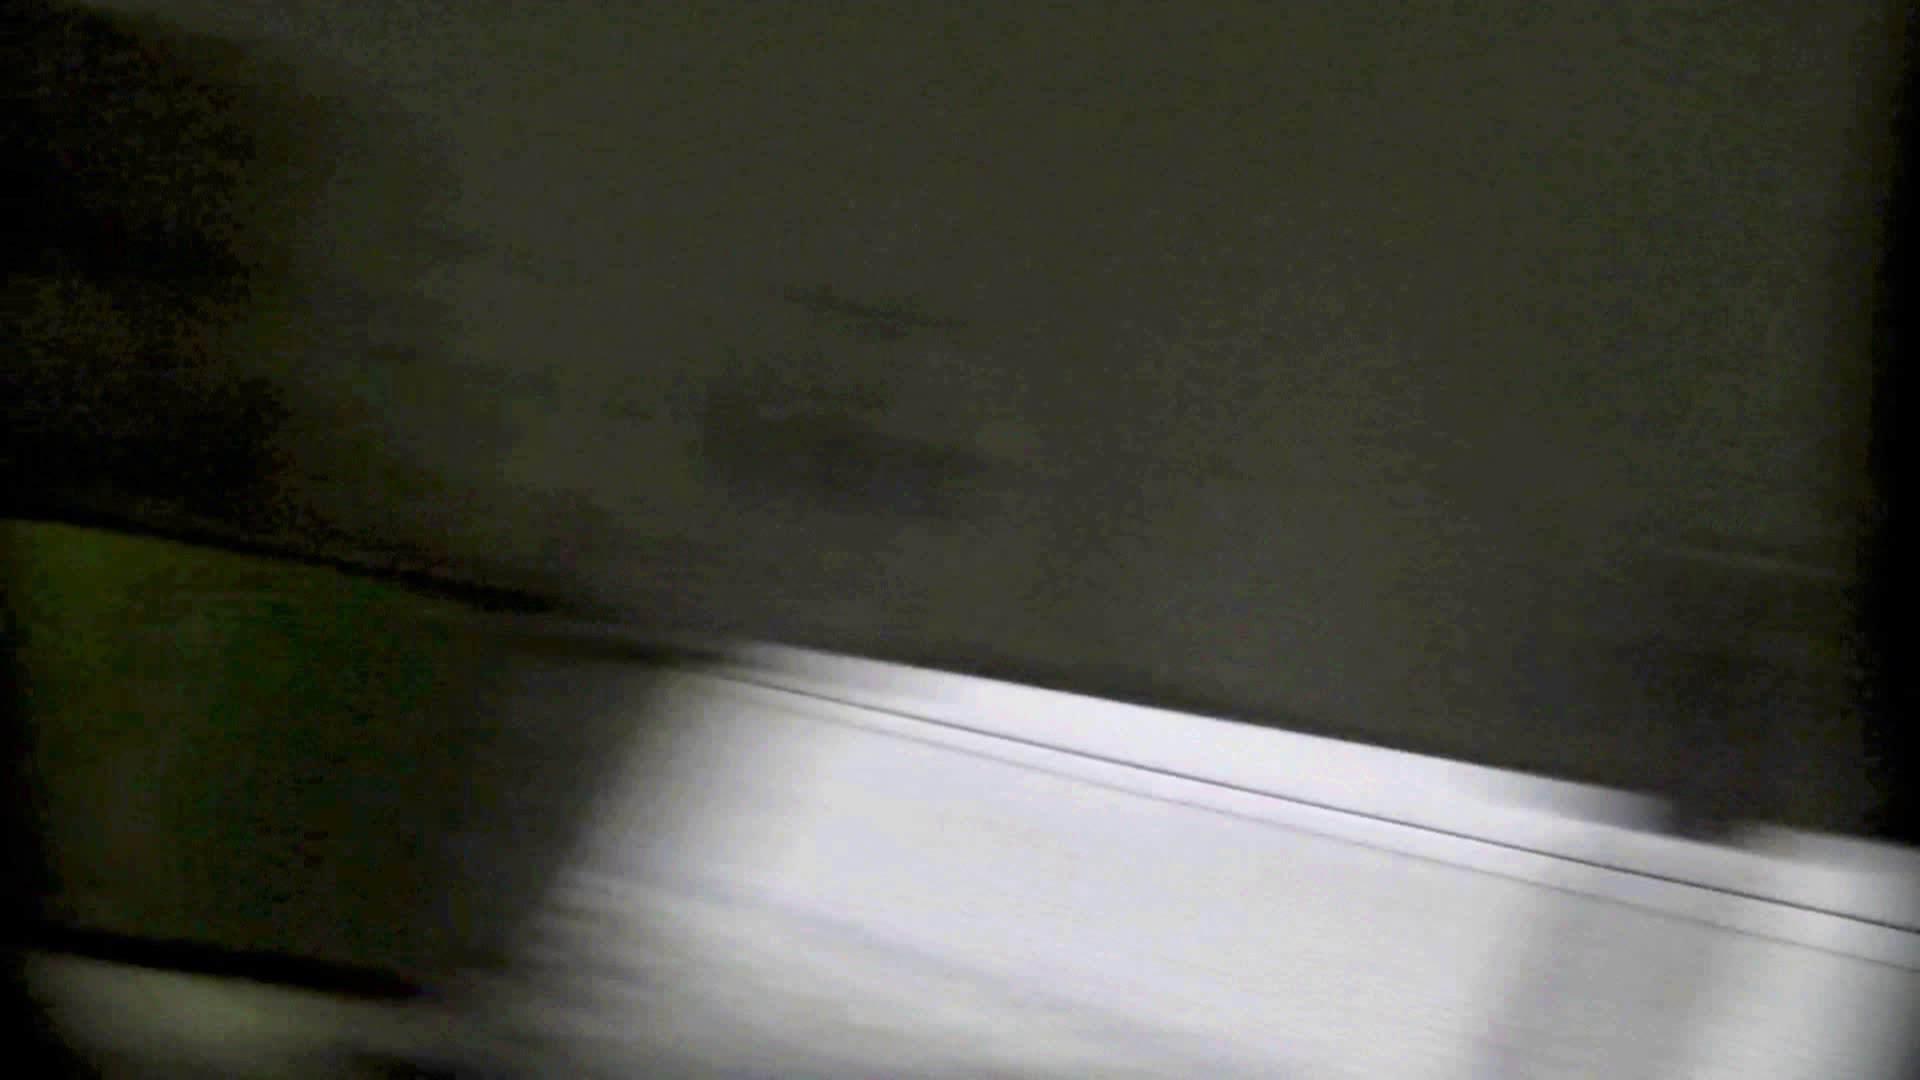 洗面所特攻隊 vol.74 last 2総勢16名激撮【2015・29位】 洗面所 | OLのボディ  85PIX 17